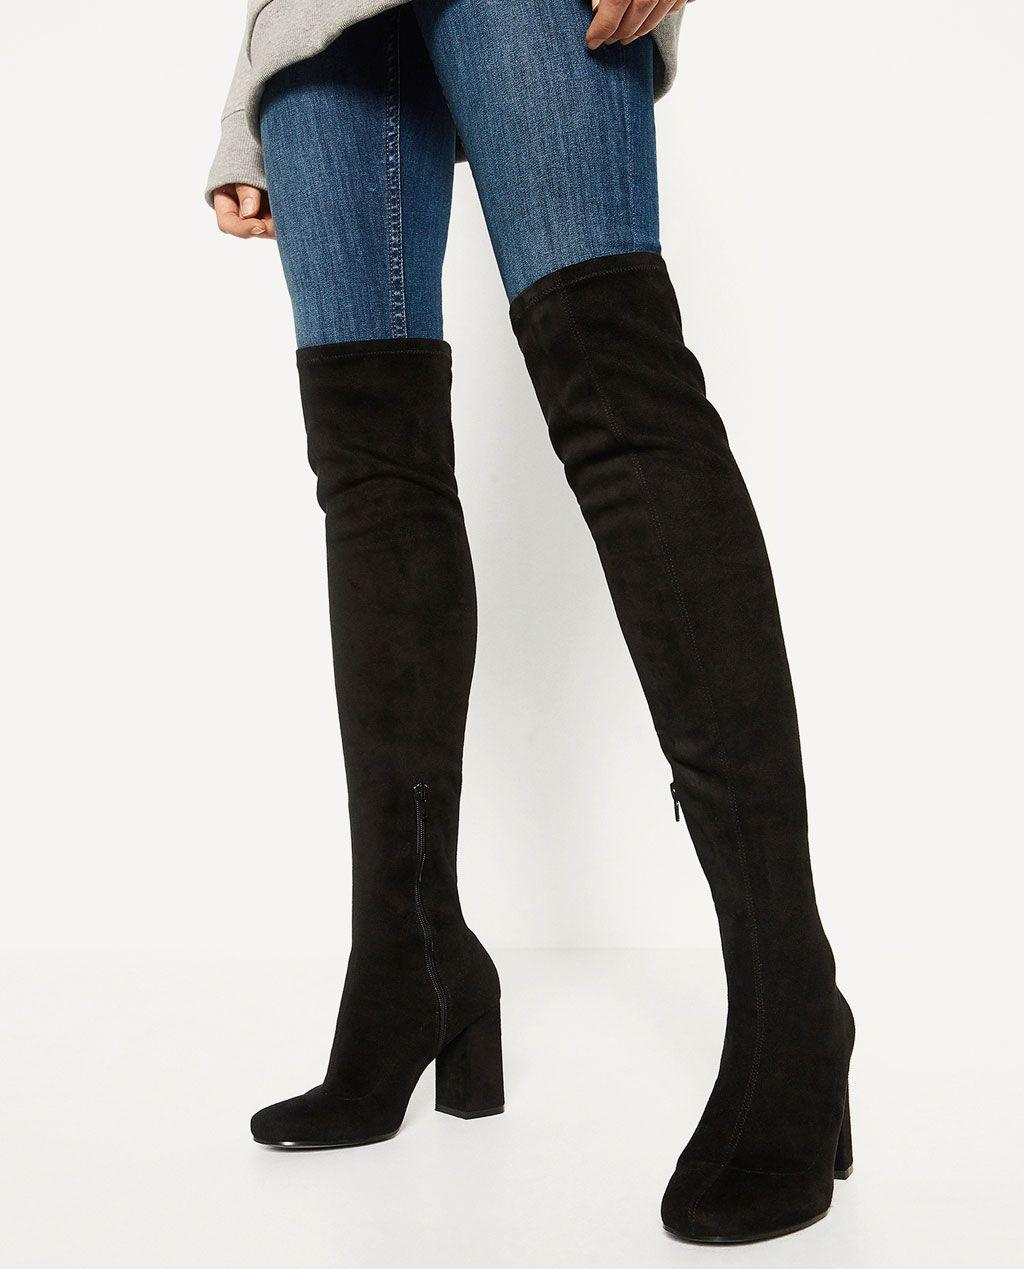 Rezultate imazhesh për high thigh boots zara